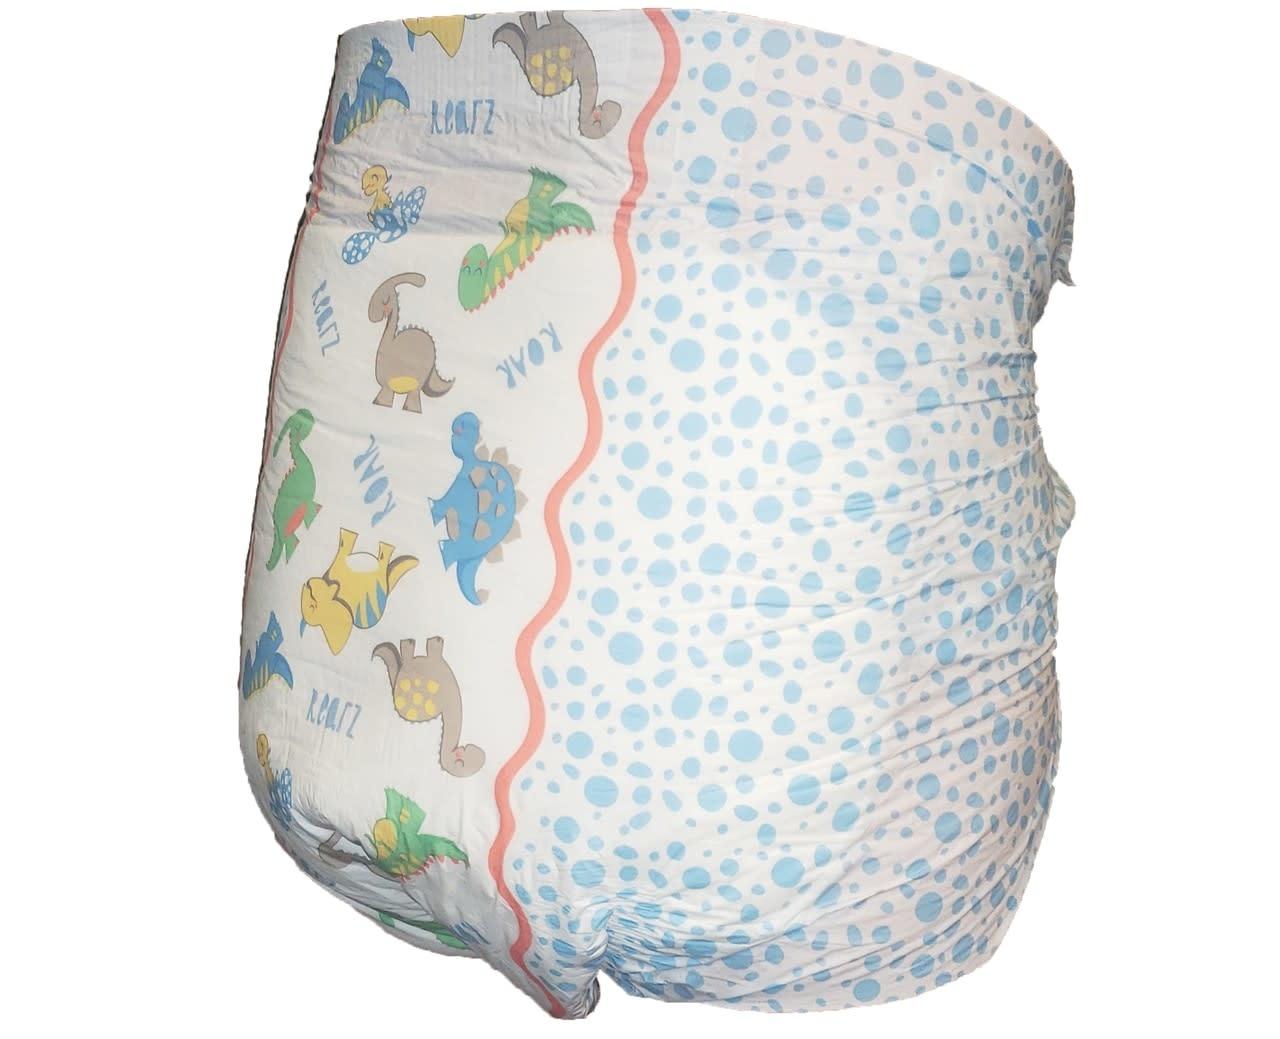 Rearz Disposables Dinosaur Elite Diapers